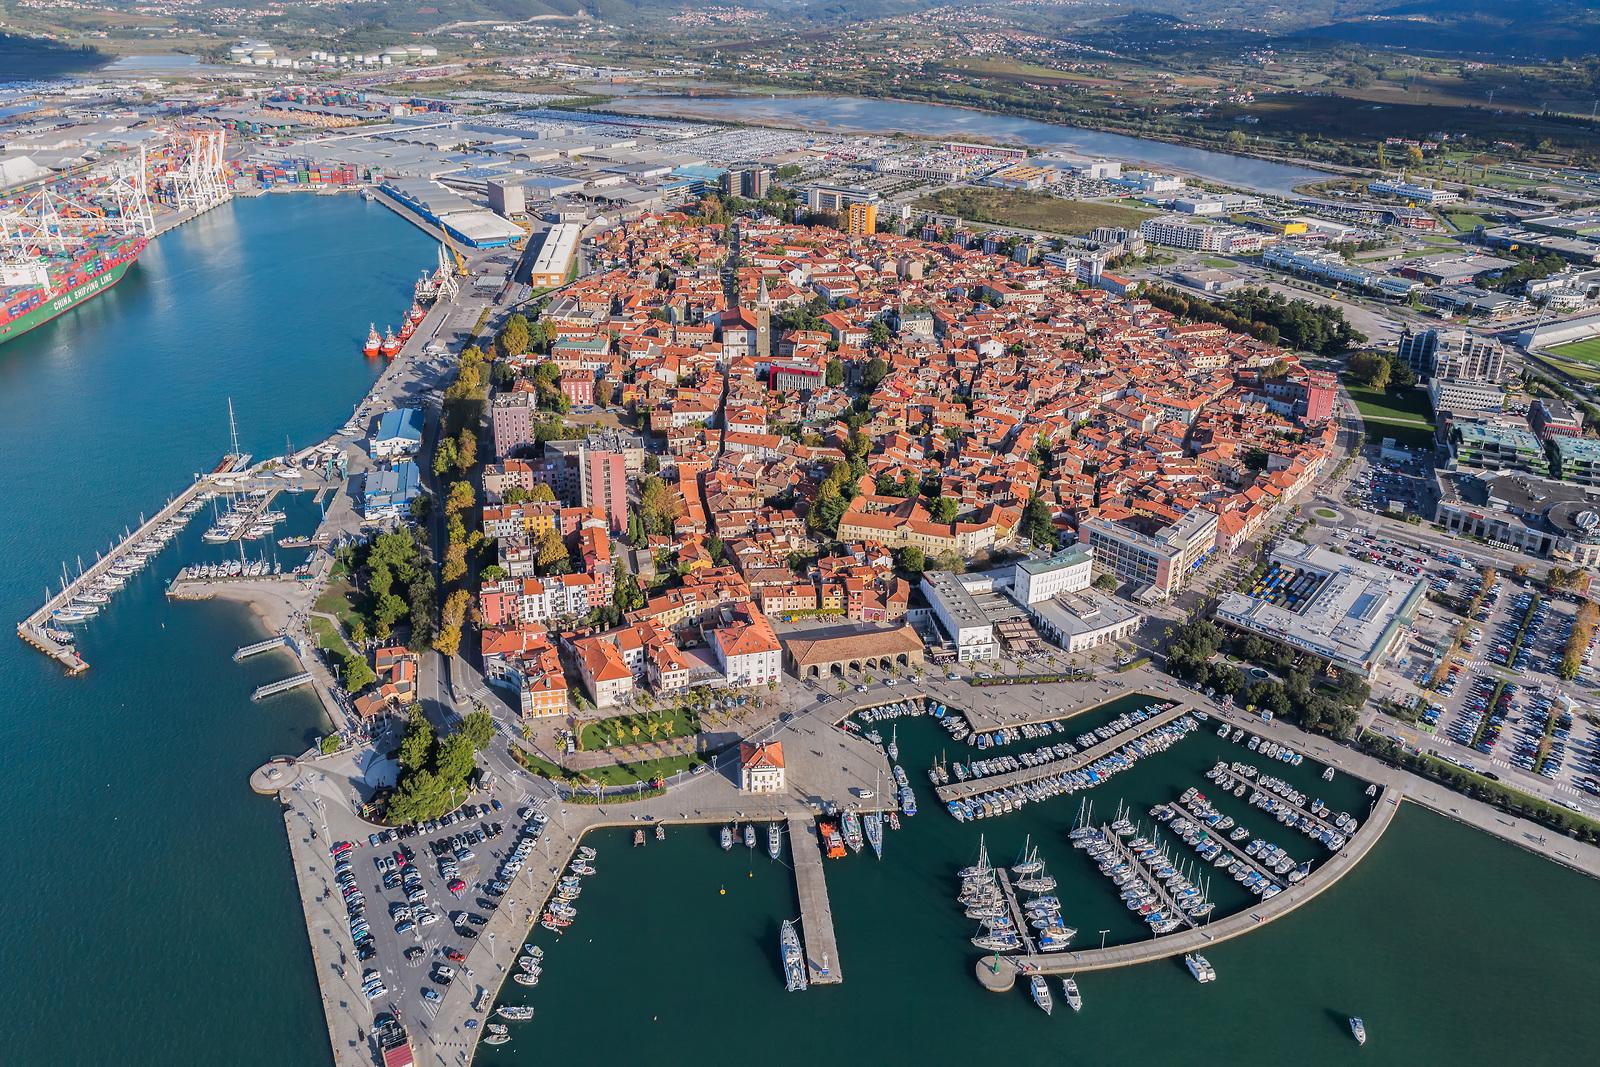 La costa de Eslovenia con Ekorna, -www.slovenia.info, Staro mestno jedro mesta Koper, Avtor Jaka Ivančič